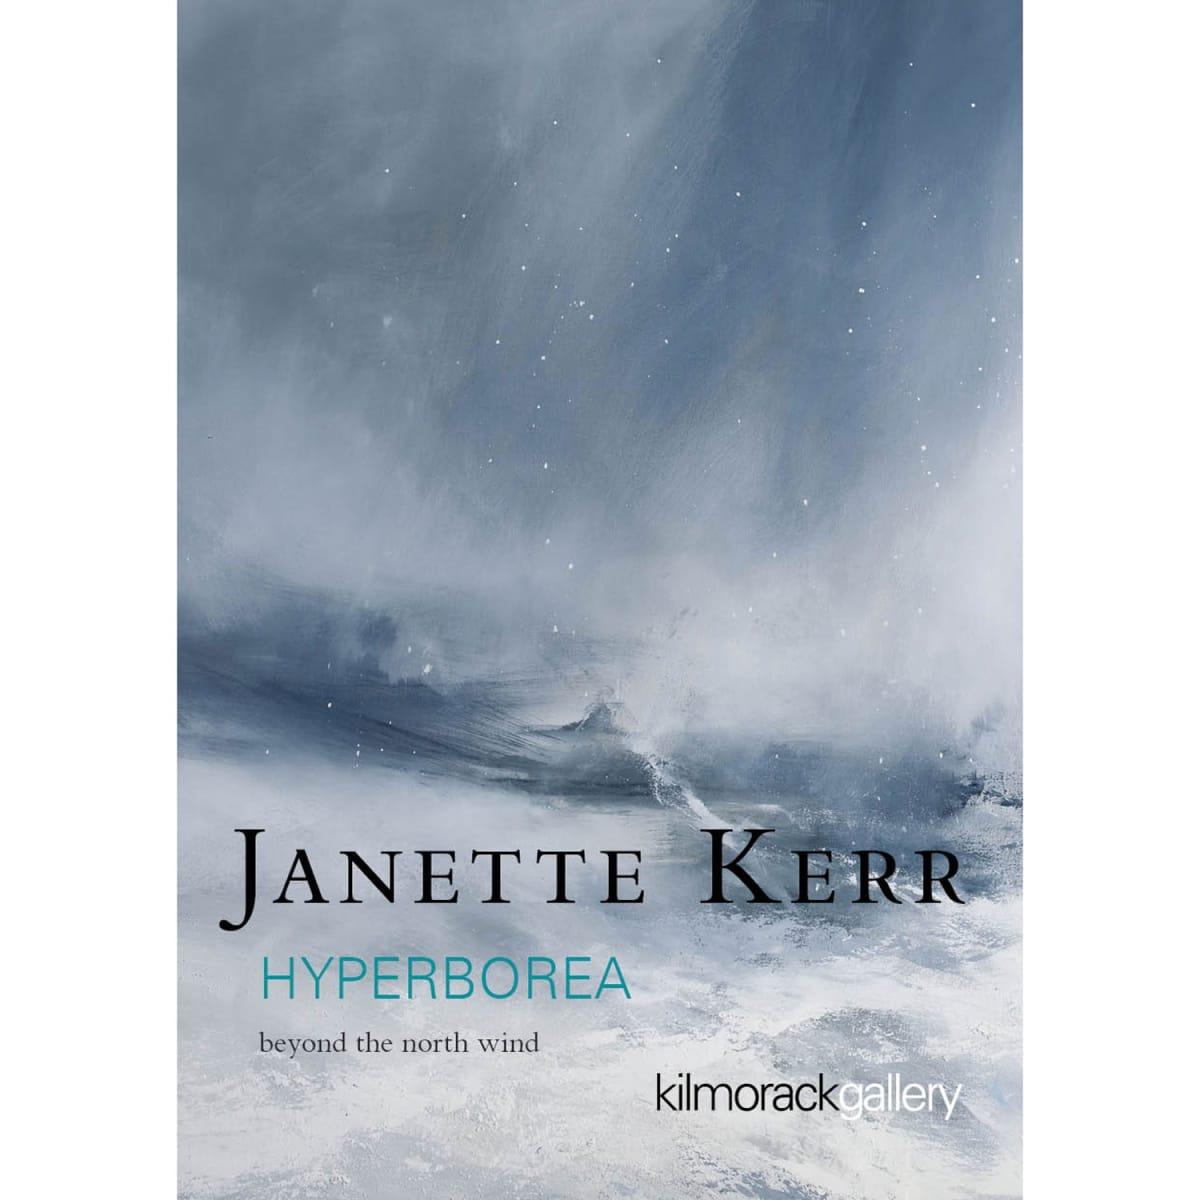 JANETTE KERR